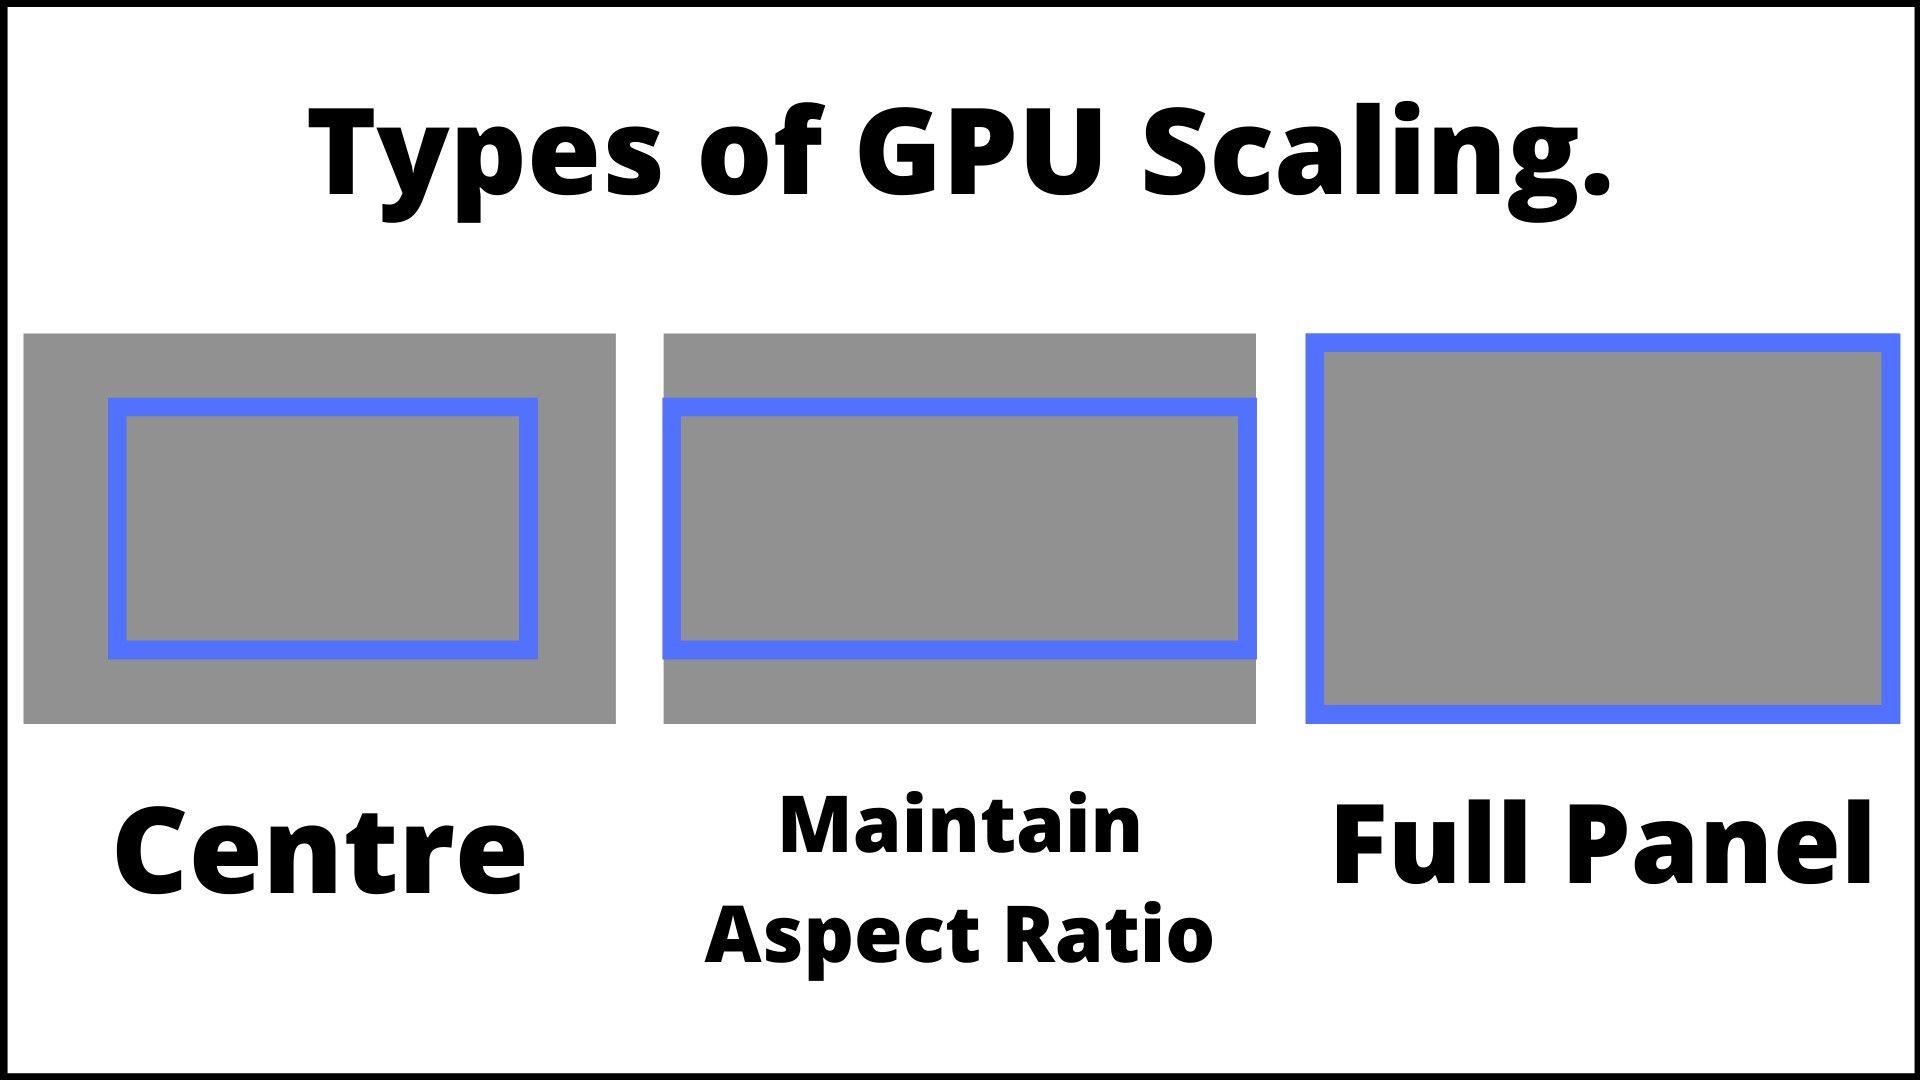 Types of GPU scaling explained